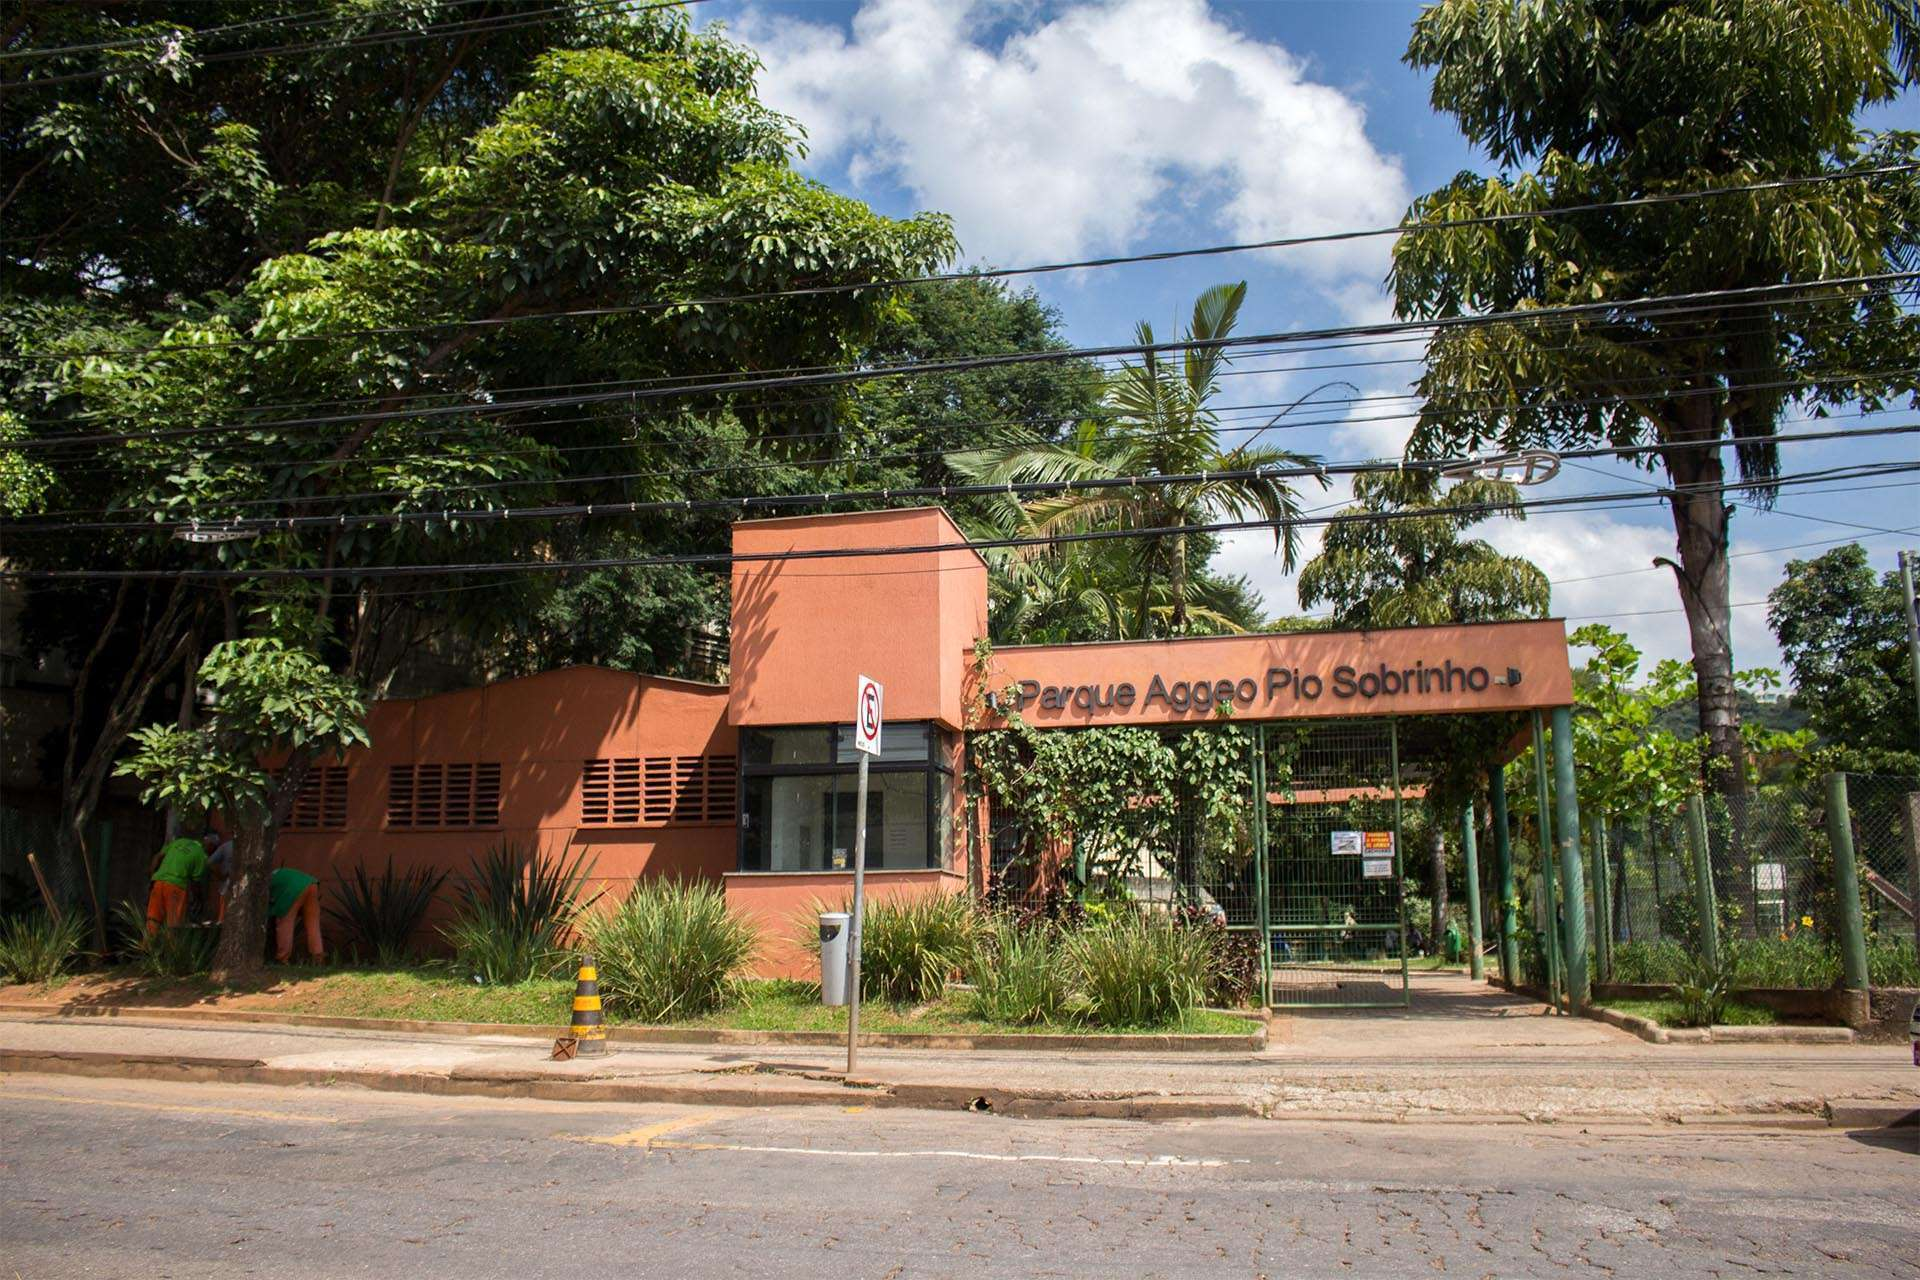 Parque Aggeo Pio Sobrinho - Entrada. Foto: William Araújo